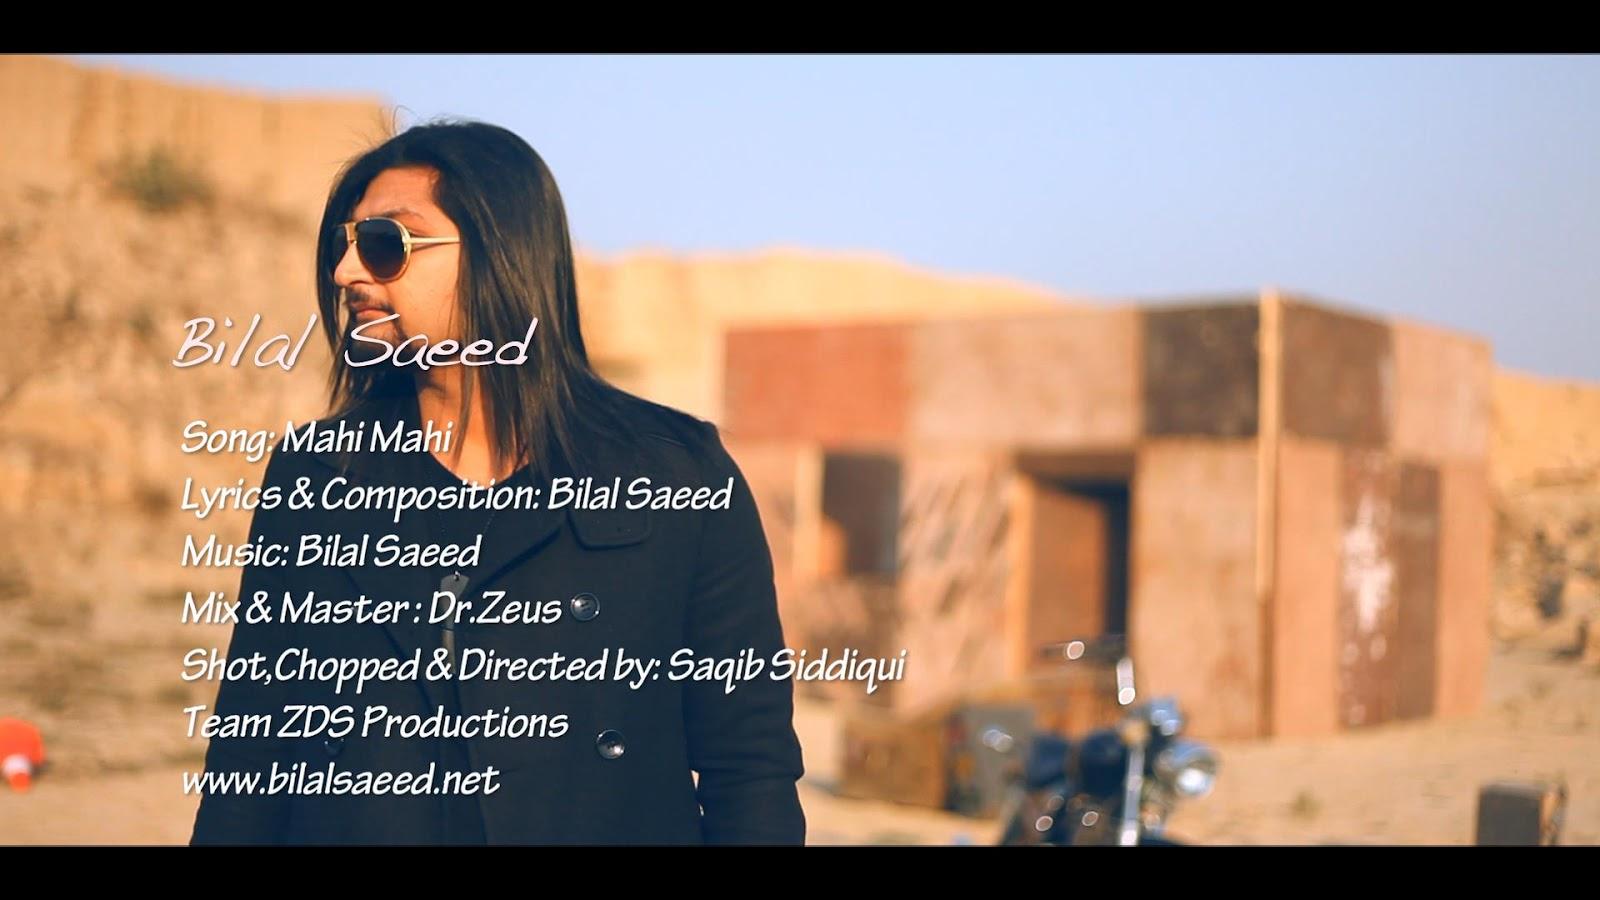 bilal saeed mahi mahi song download